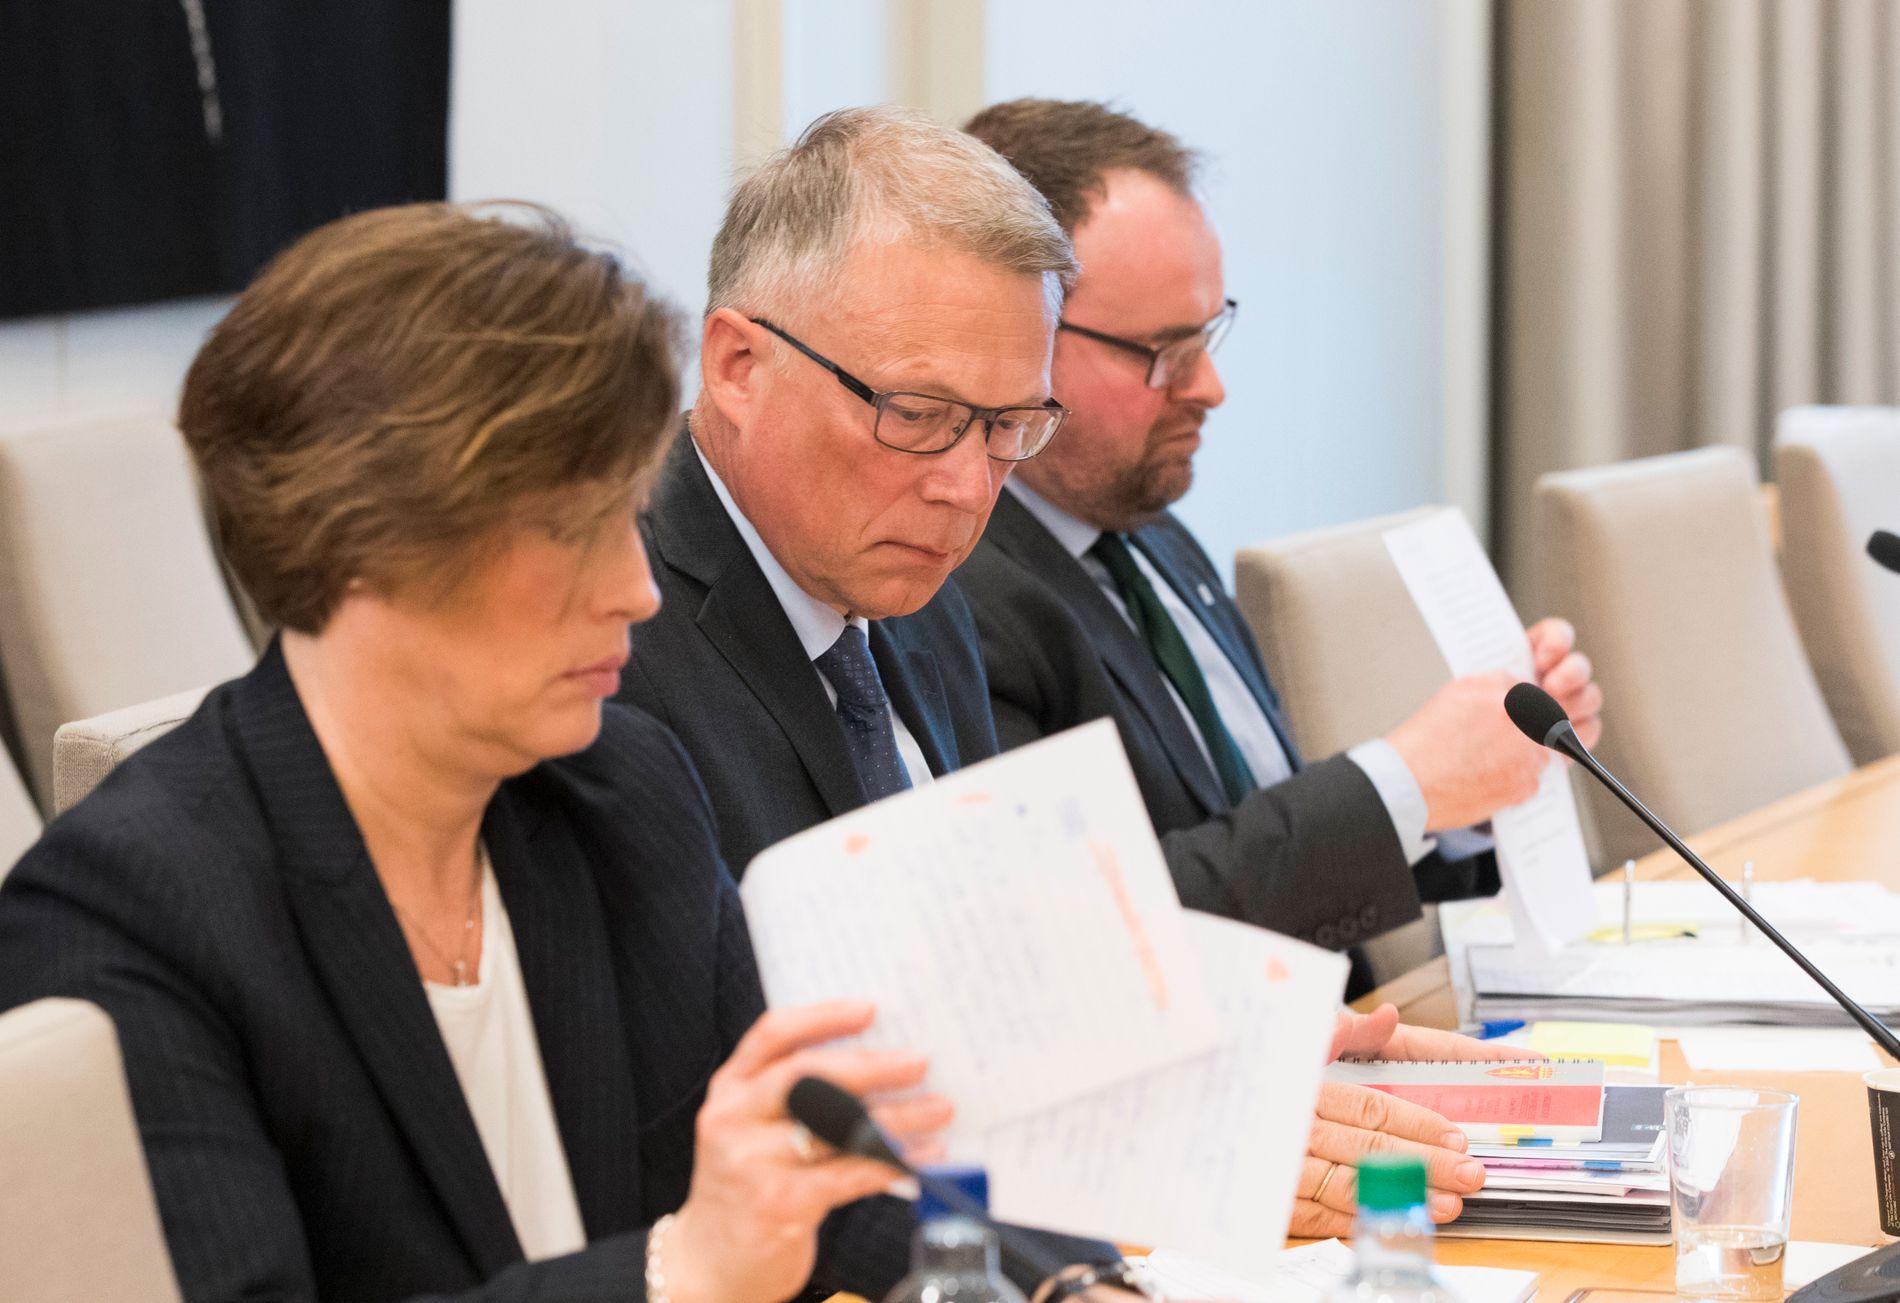 FOR MANGE MANGLER:  NSM-direktør Kjetil Nilsen (i midten) forklarte seg i Stortinget forrige mandag, sammen med assisterende direktør Annette Tjaberg og seksjonssjef Helge Rager Furuseth. Nå kommer en ny NSM-rapport som avslører nye sikkerhetshull.